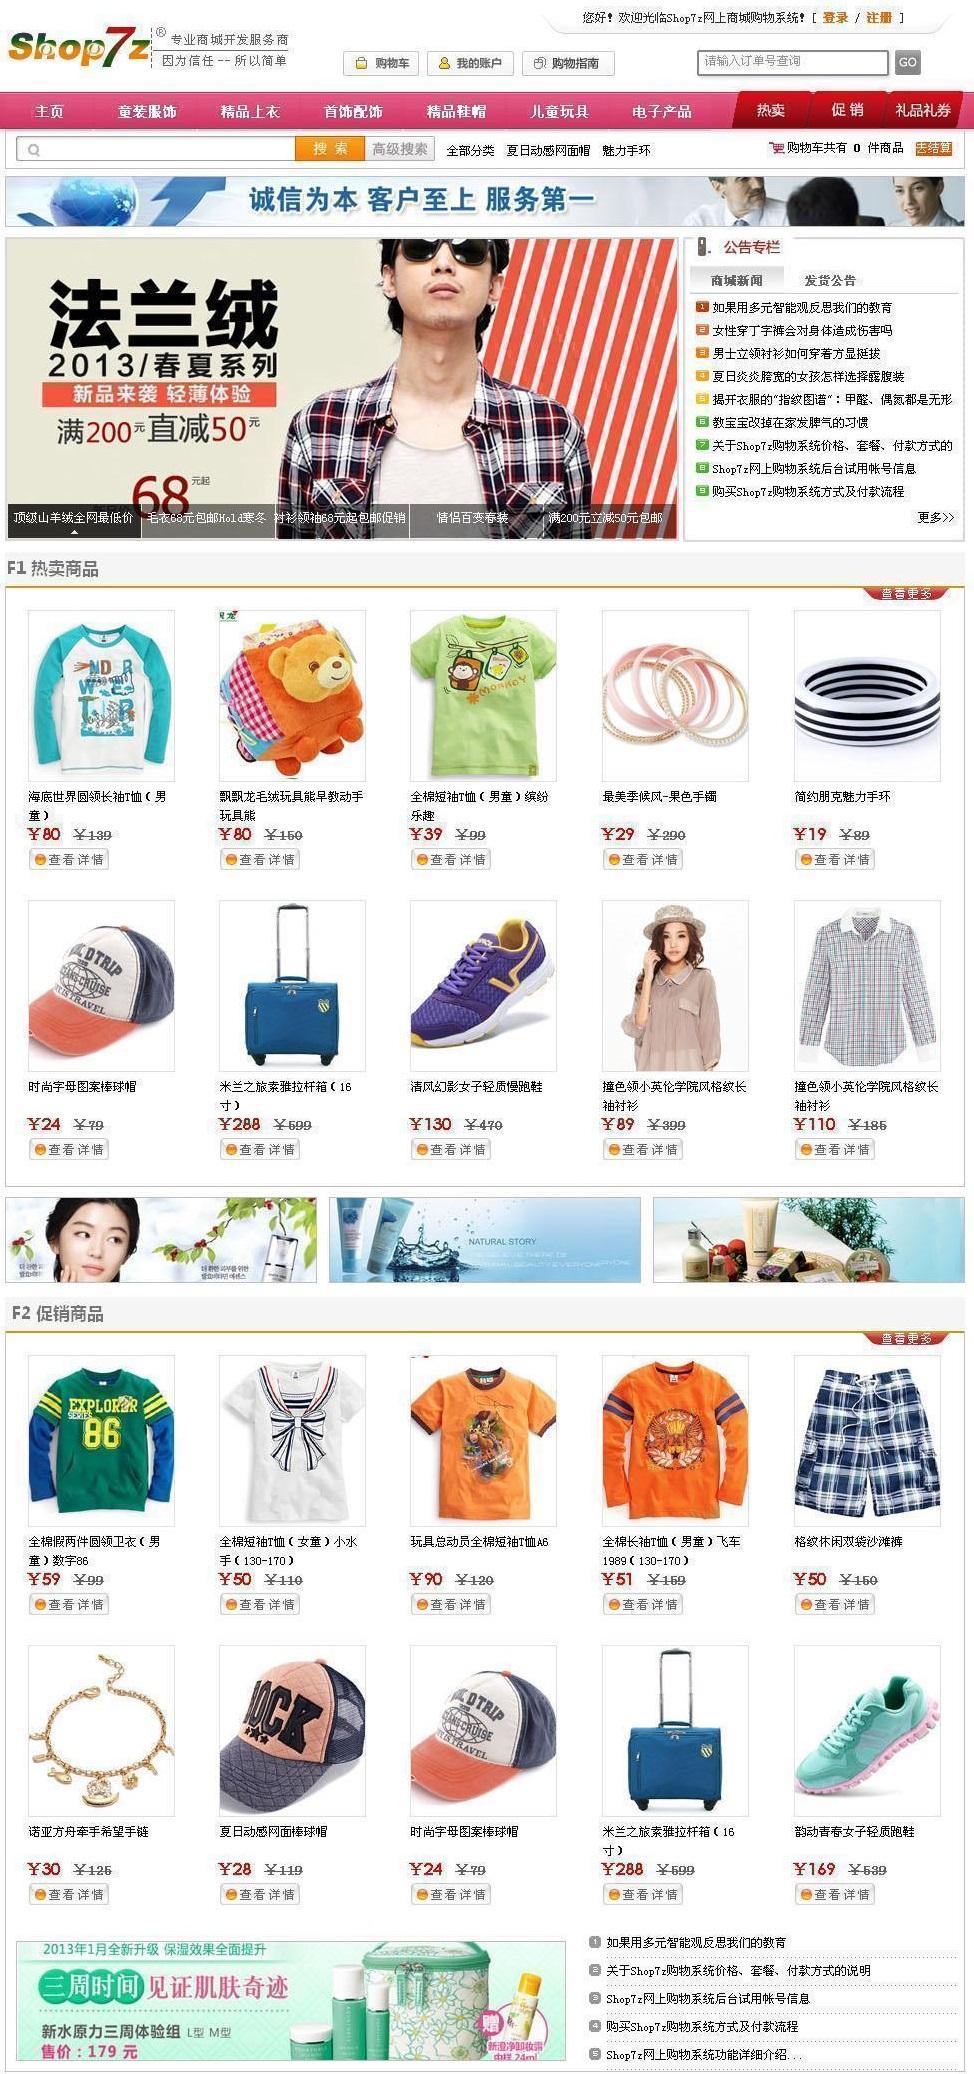 Shop7z网上购物系统时尚版 v9.6.5-52资源网